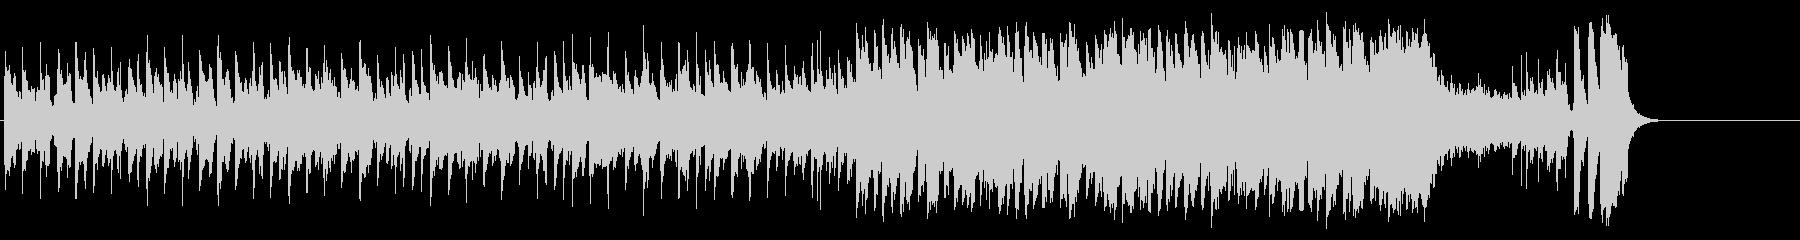 和やかなポップ BGM(イントロ~A…)の未再生の波形